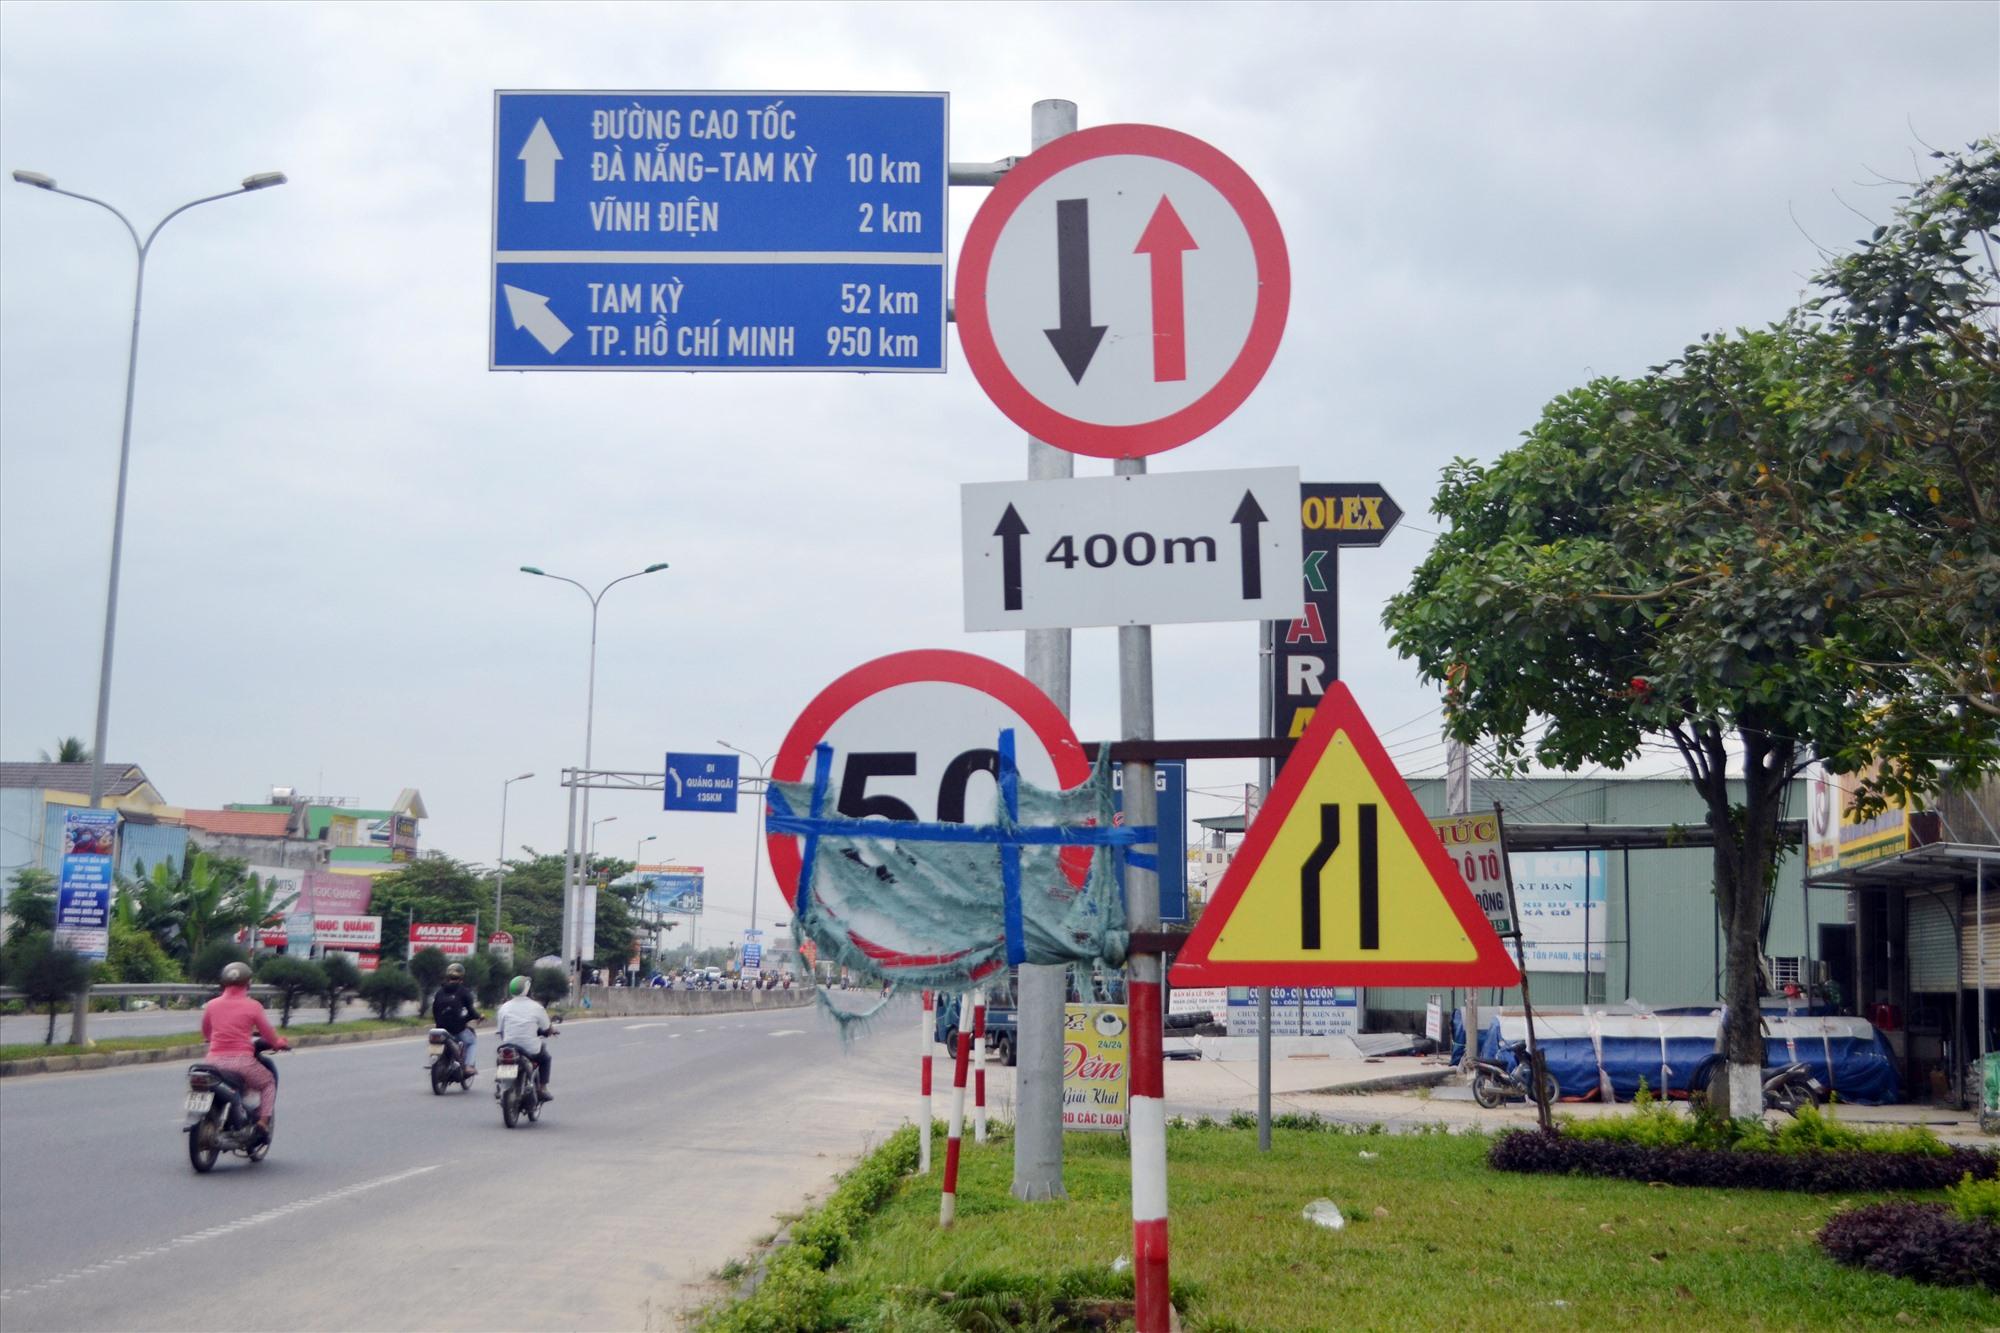 Biển hạn chế tốc độ trên quốc lộ 1 qua phường Điện An (Điện Bàn) bị che chắn mất mỹ quan. Ảnh: K.K